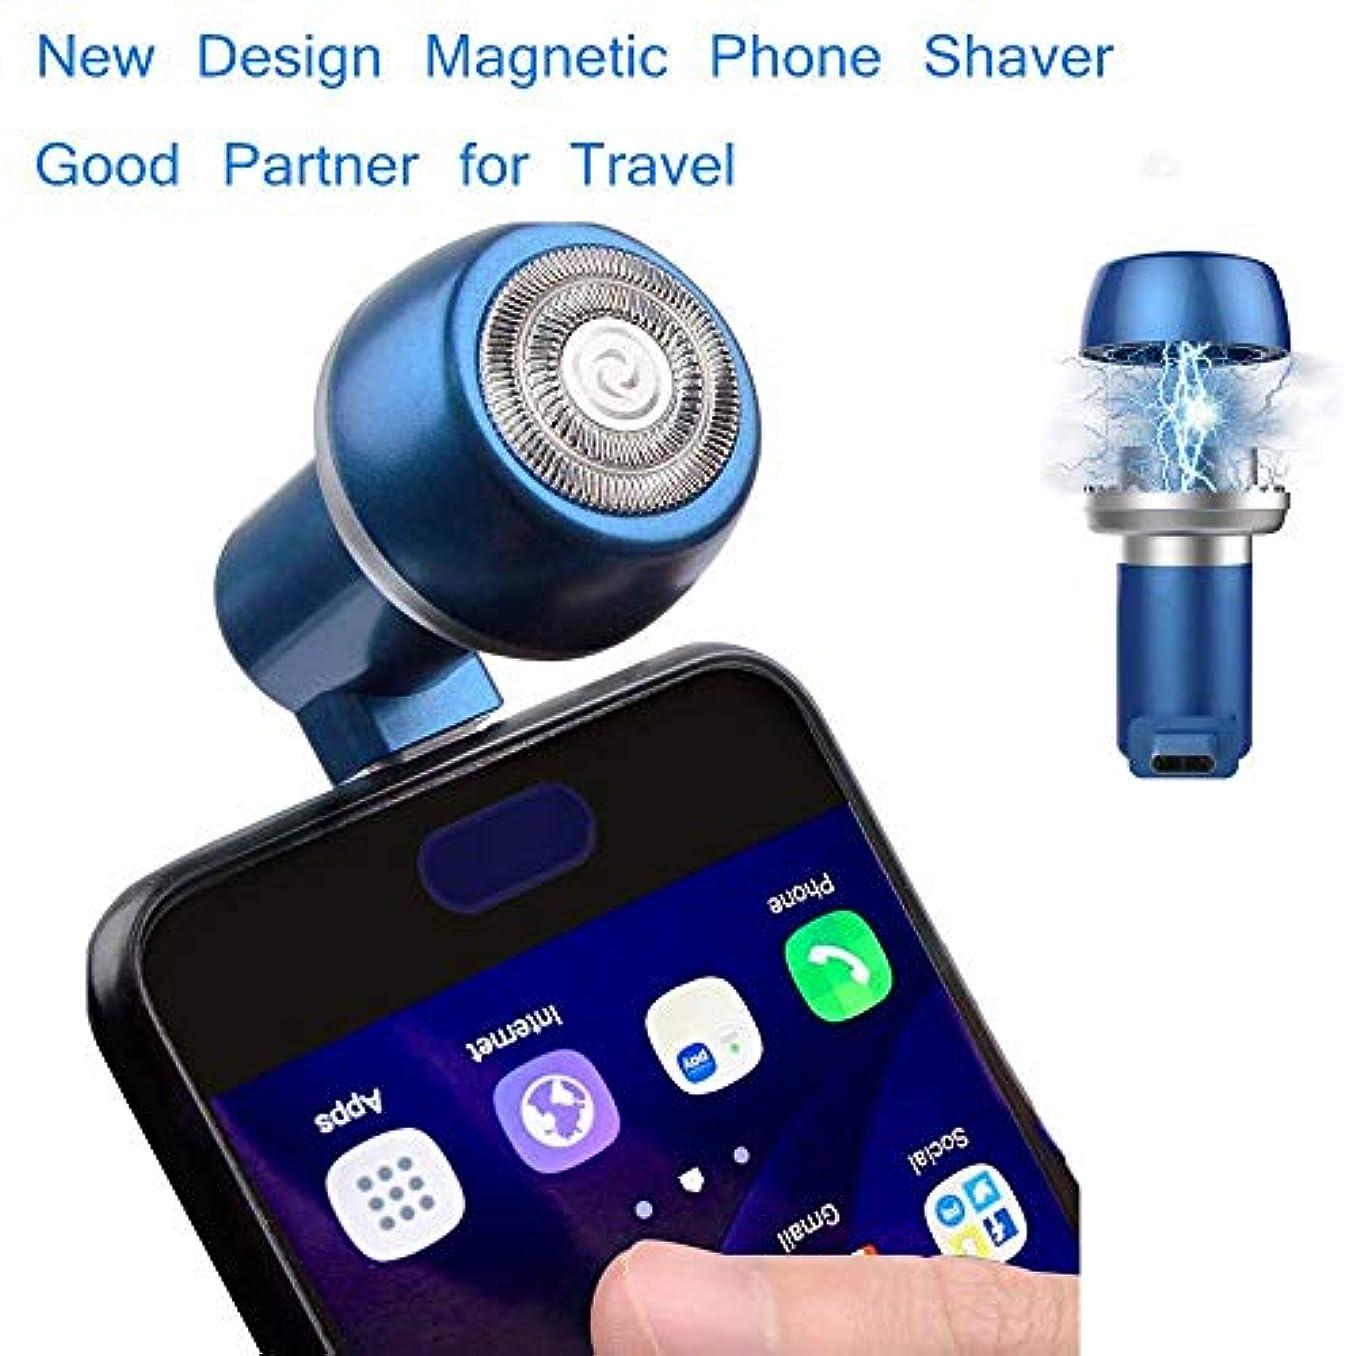 旅行のための電気かみそり、シェーバーの携帯用磁気吸引の電気かみそりの顔の毛の取り外し男性か女性のための必要性の充満電話シェーバー人間の特徴をもつ電話タイプCと互換性がない